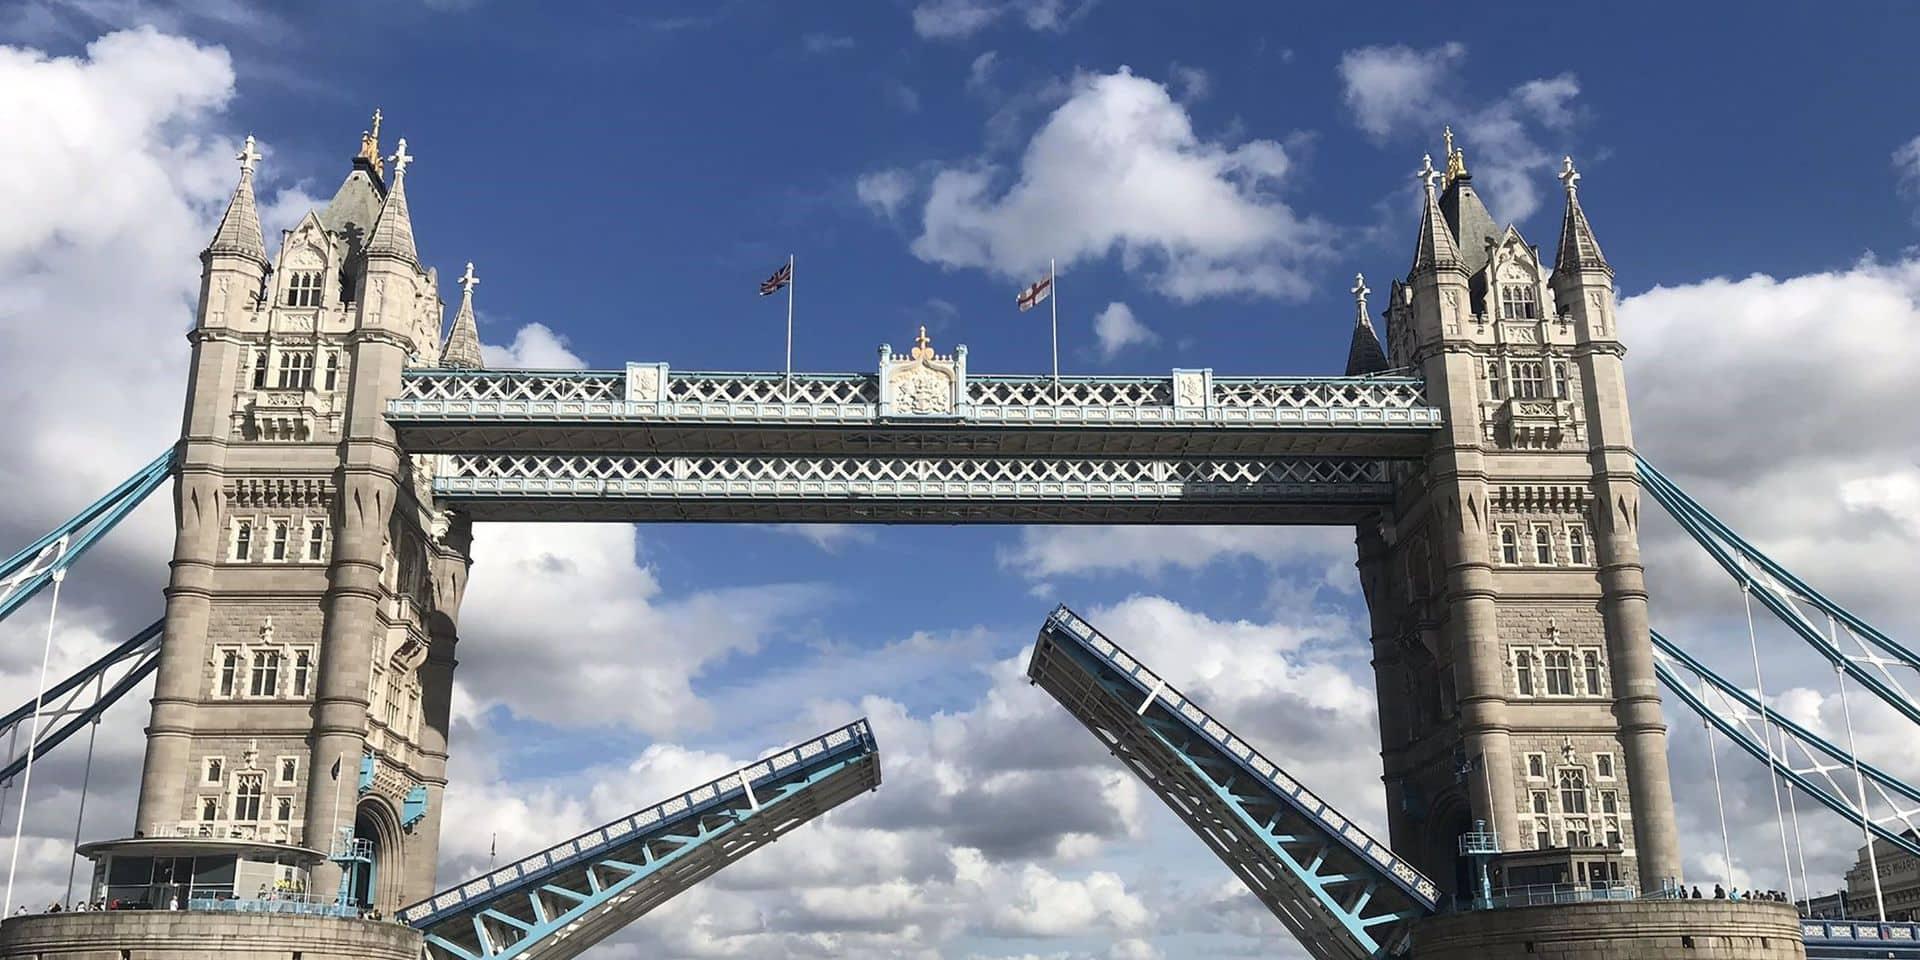 Londres: Le Tower Bridge se bloque en position haute et provoque des embouteillages monstres